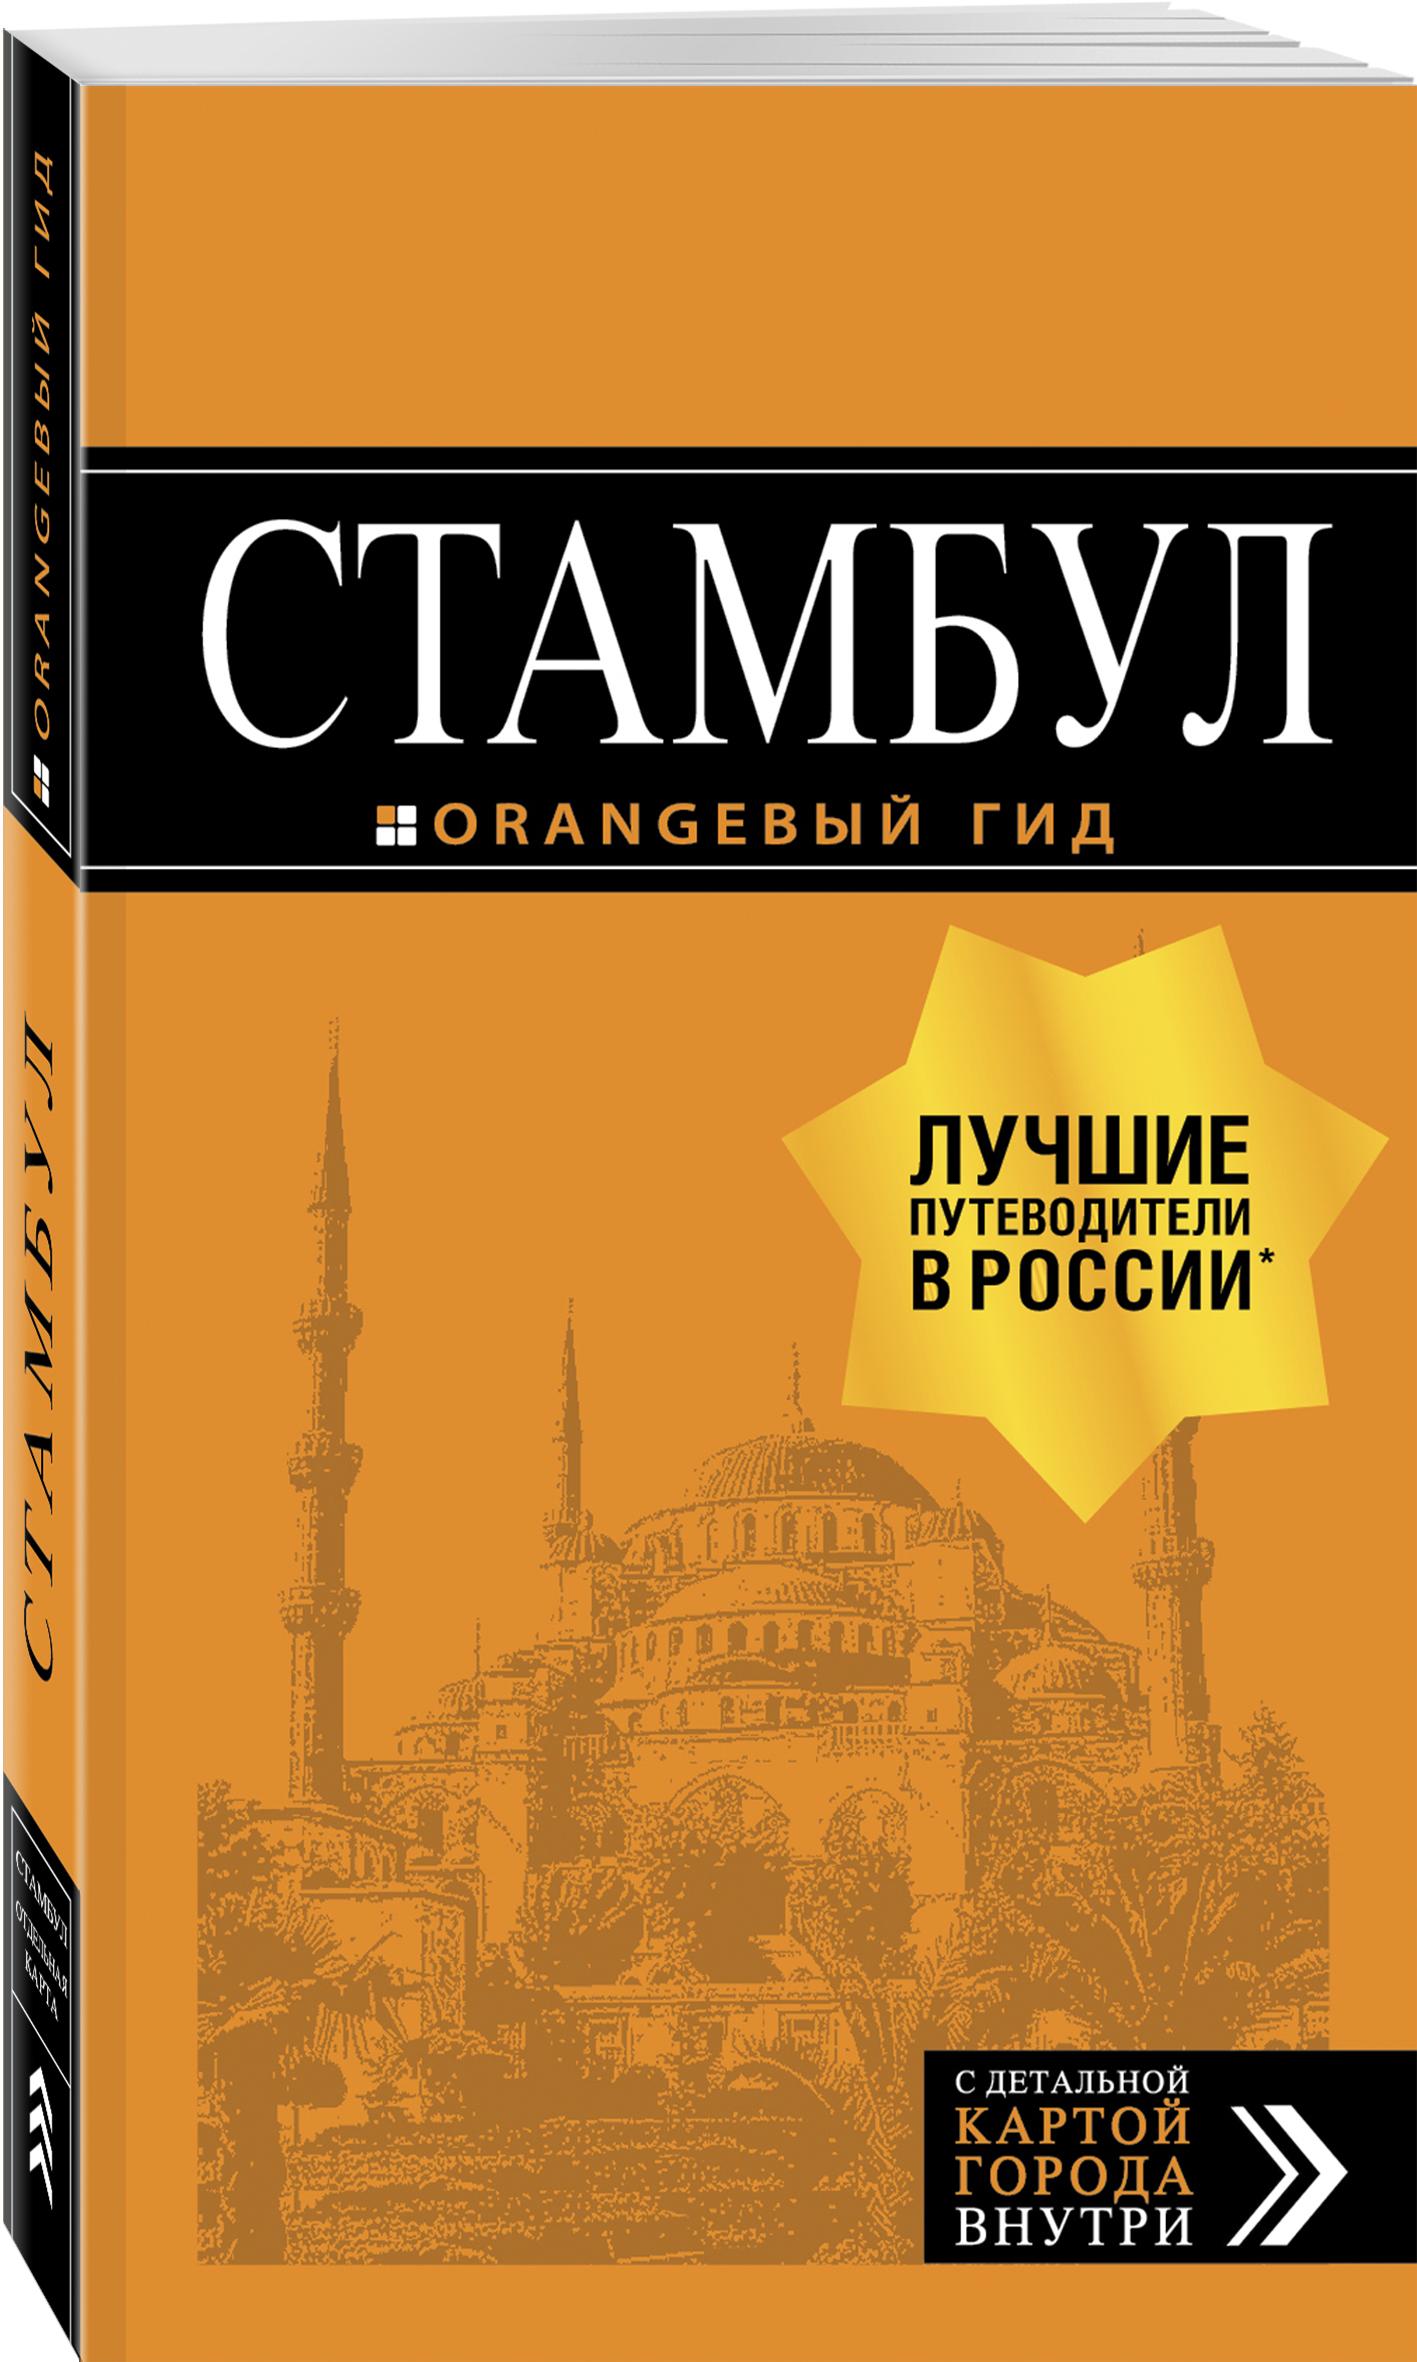 Тимофеев И.В. Стамбул: путеводитель + карта. 7-е издание, испр. и доп. turvan 3 стамбул